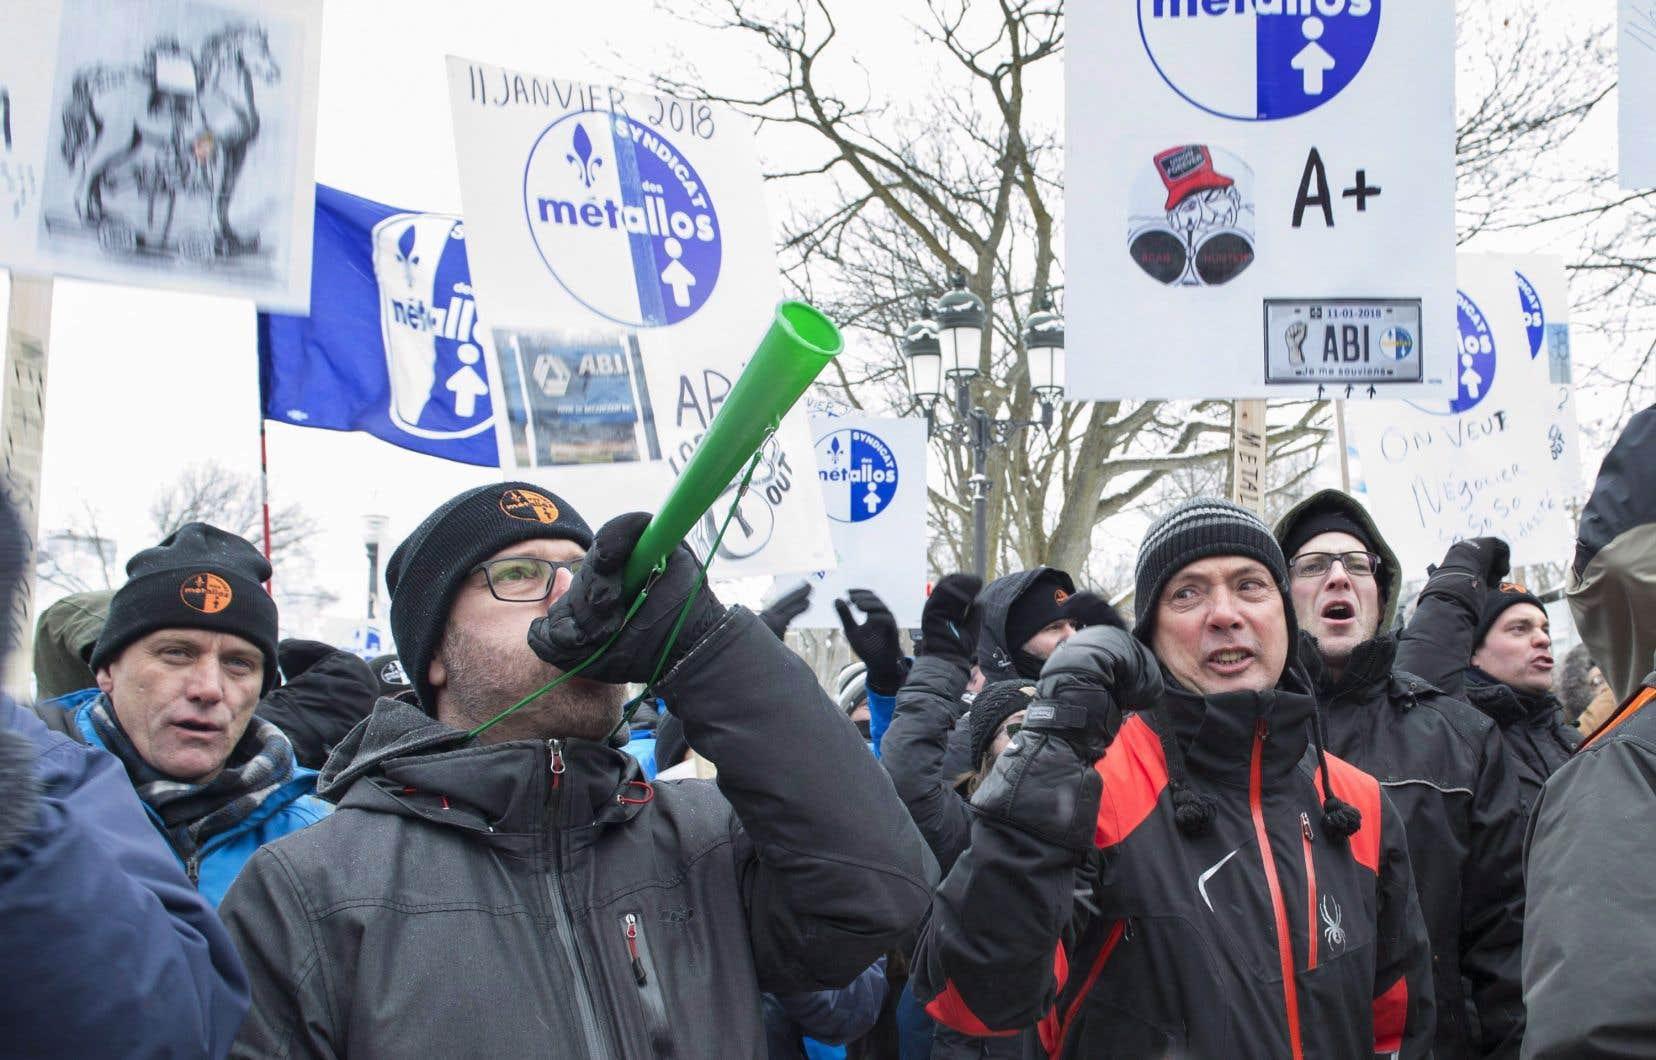 Les 1030 membres de la section locale du syndicat ont été mis en lockout par la direction de l'aluminerie le 11 janvier dernier.